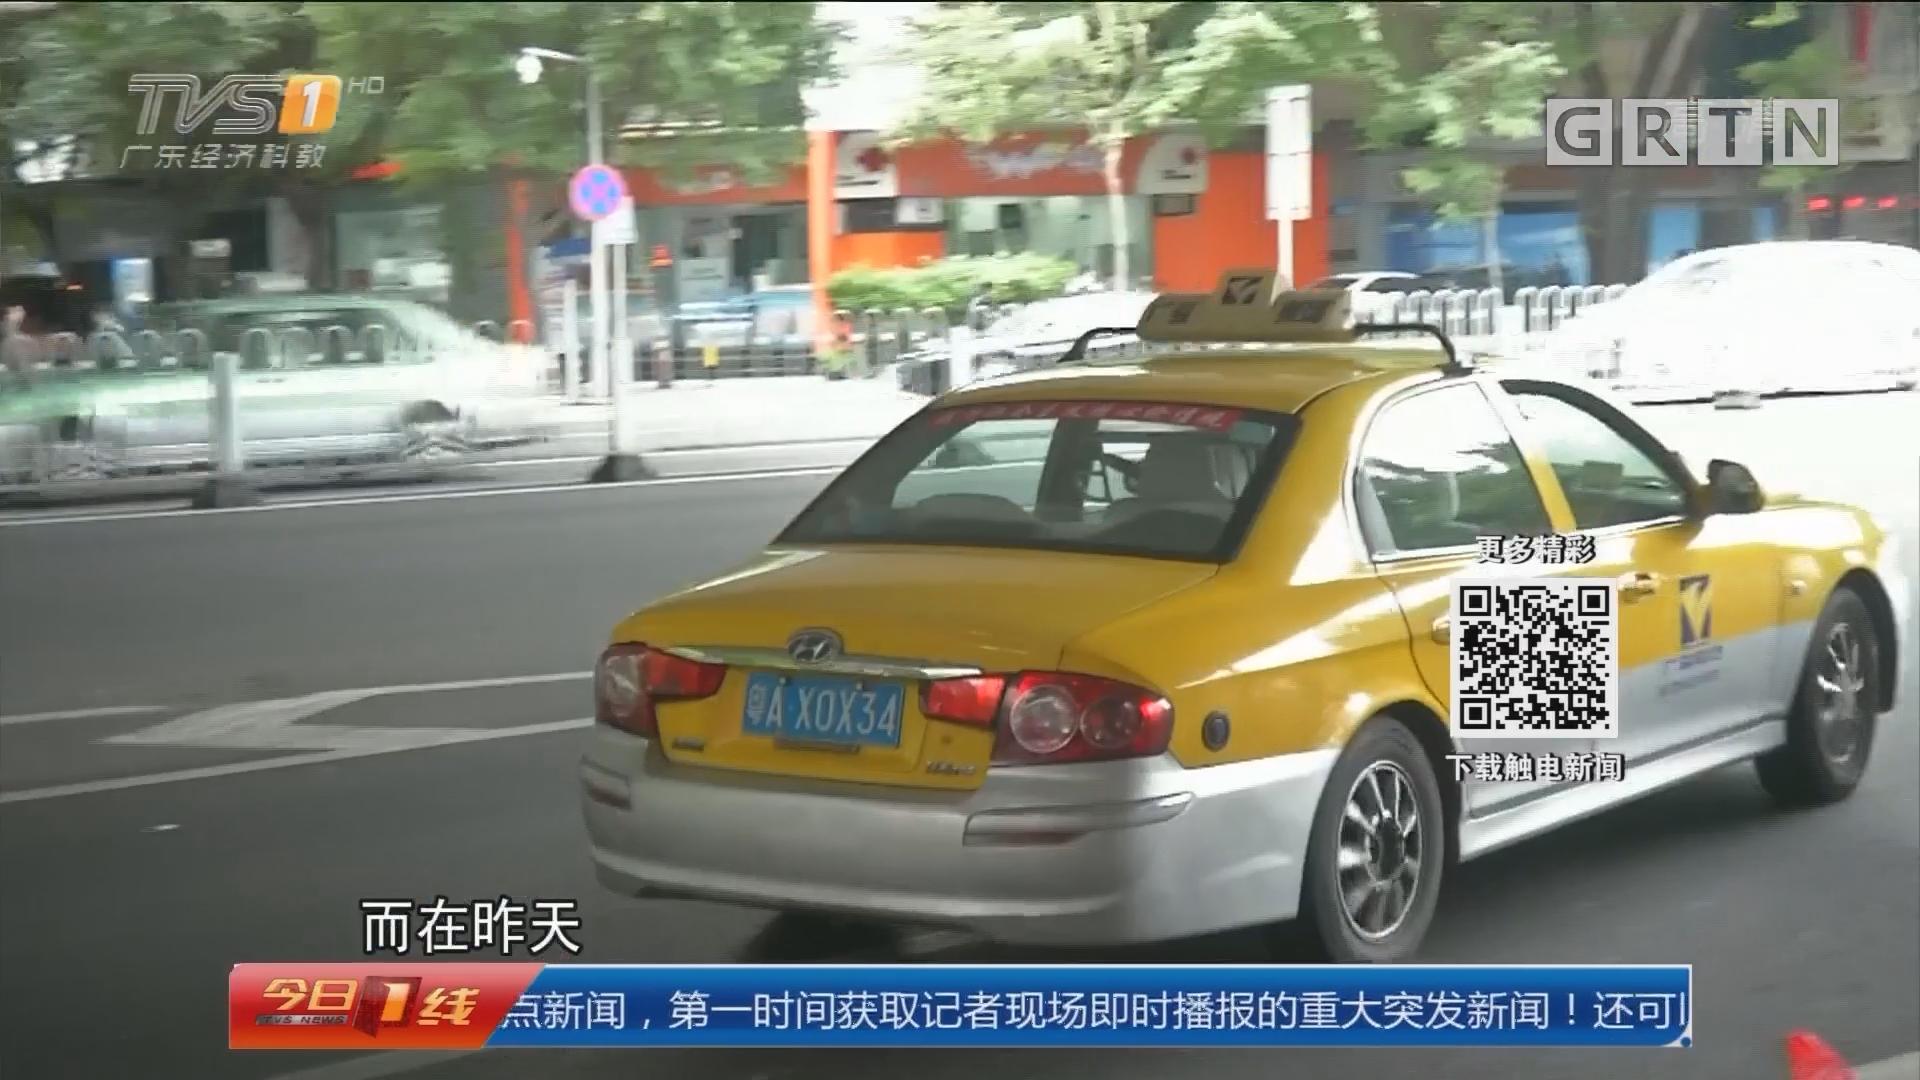 广州:的士价格将调整 申请已提交